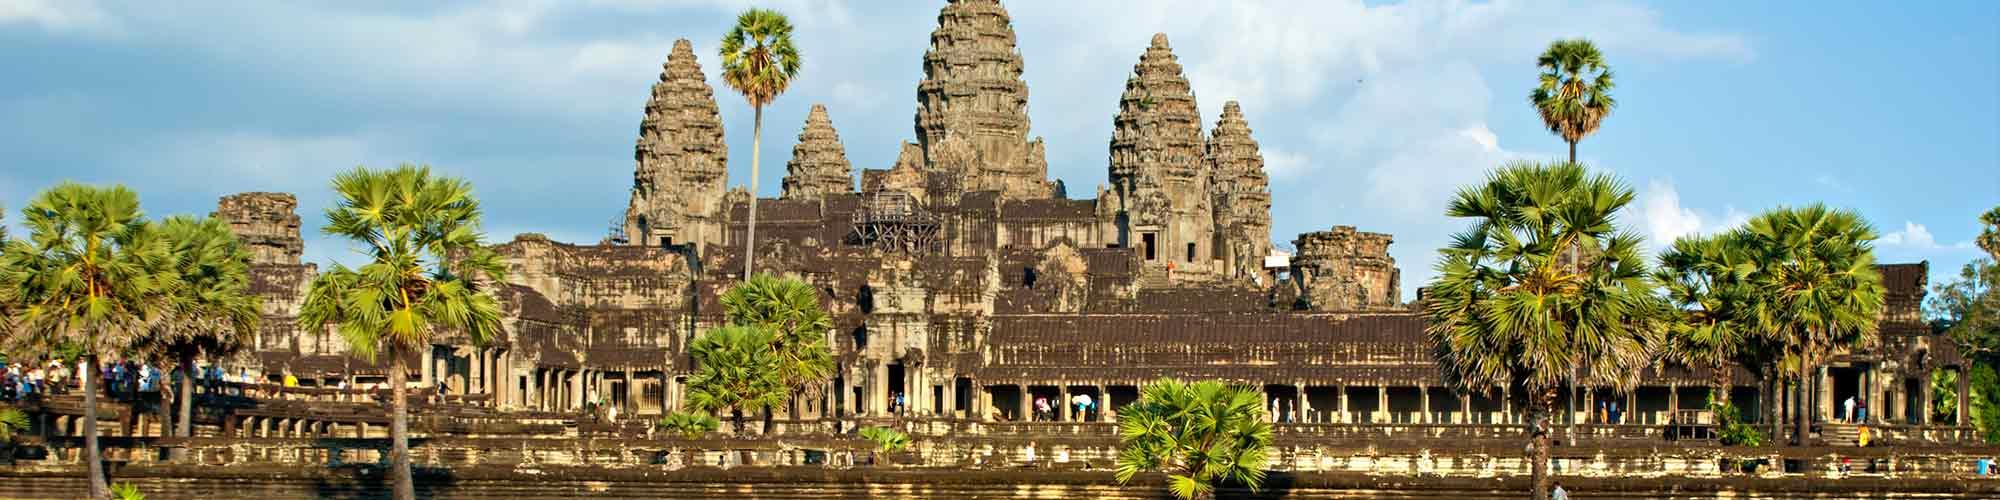 Crucero Fluvial: del Delta del Mekong a los Templos de Angkor - El País Viajes